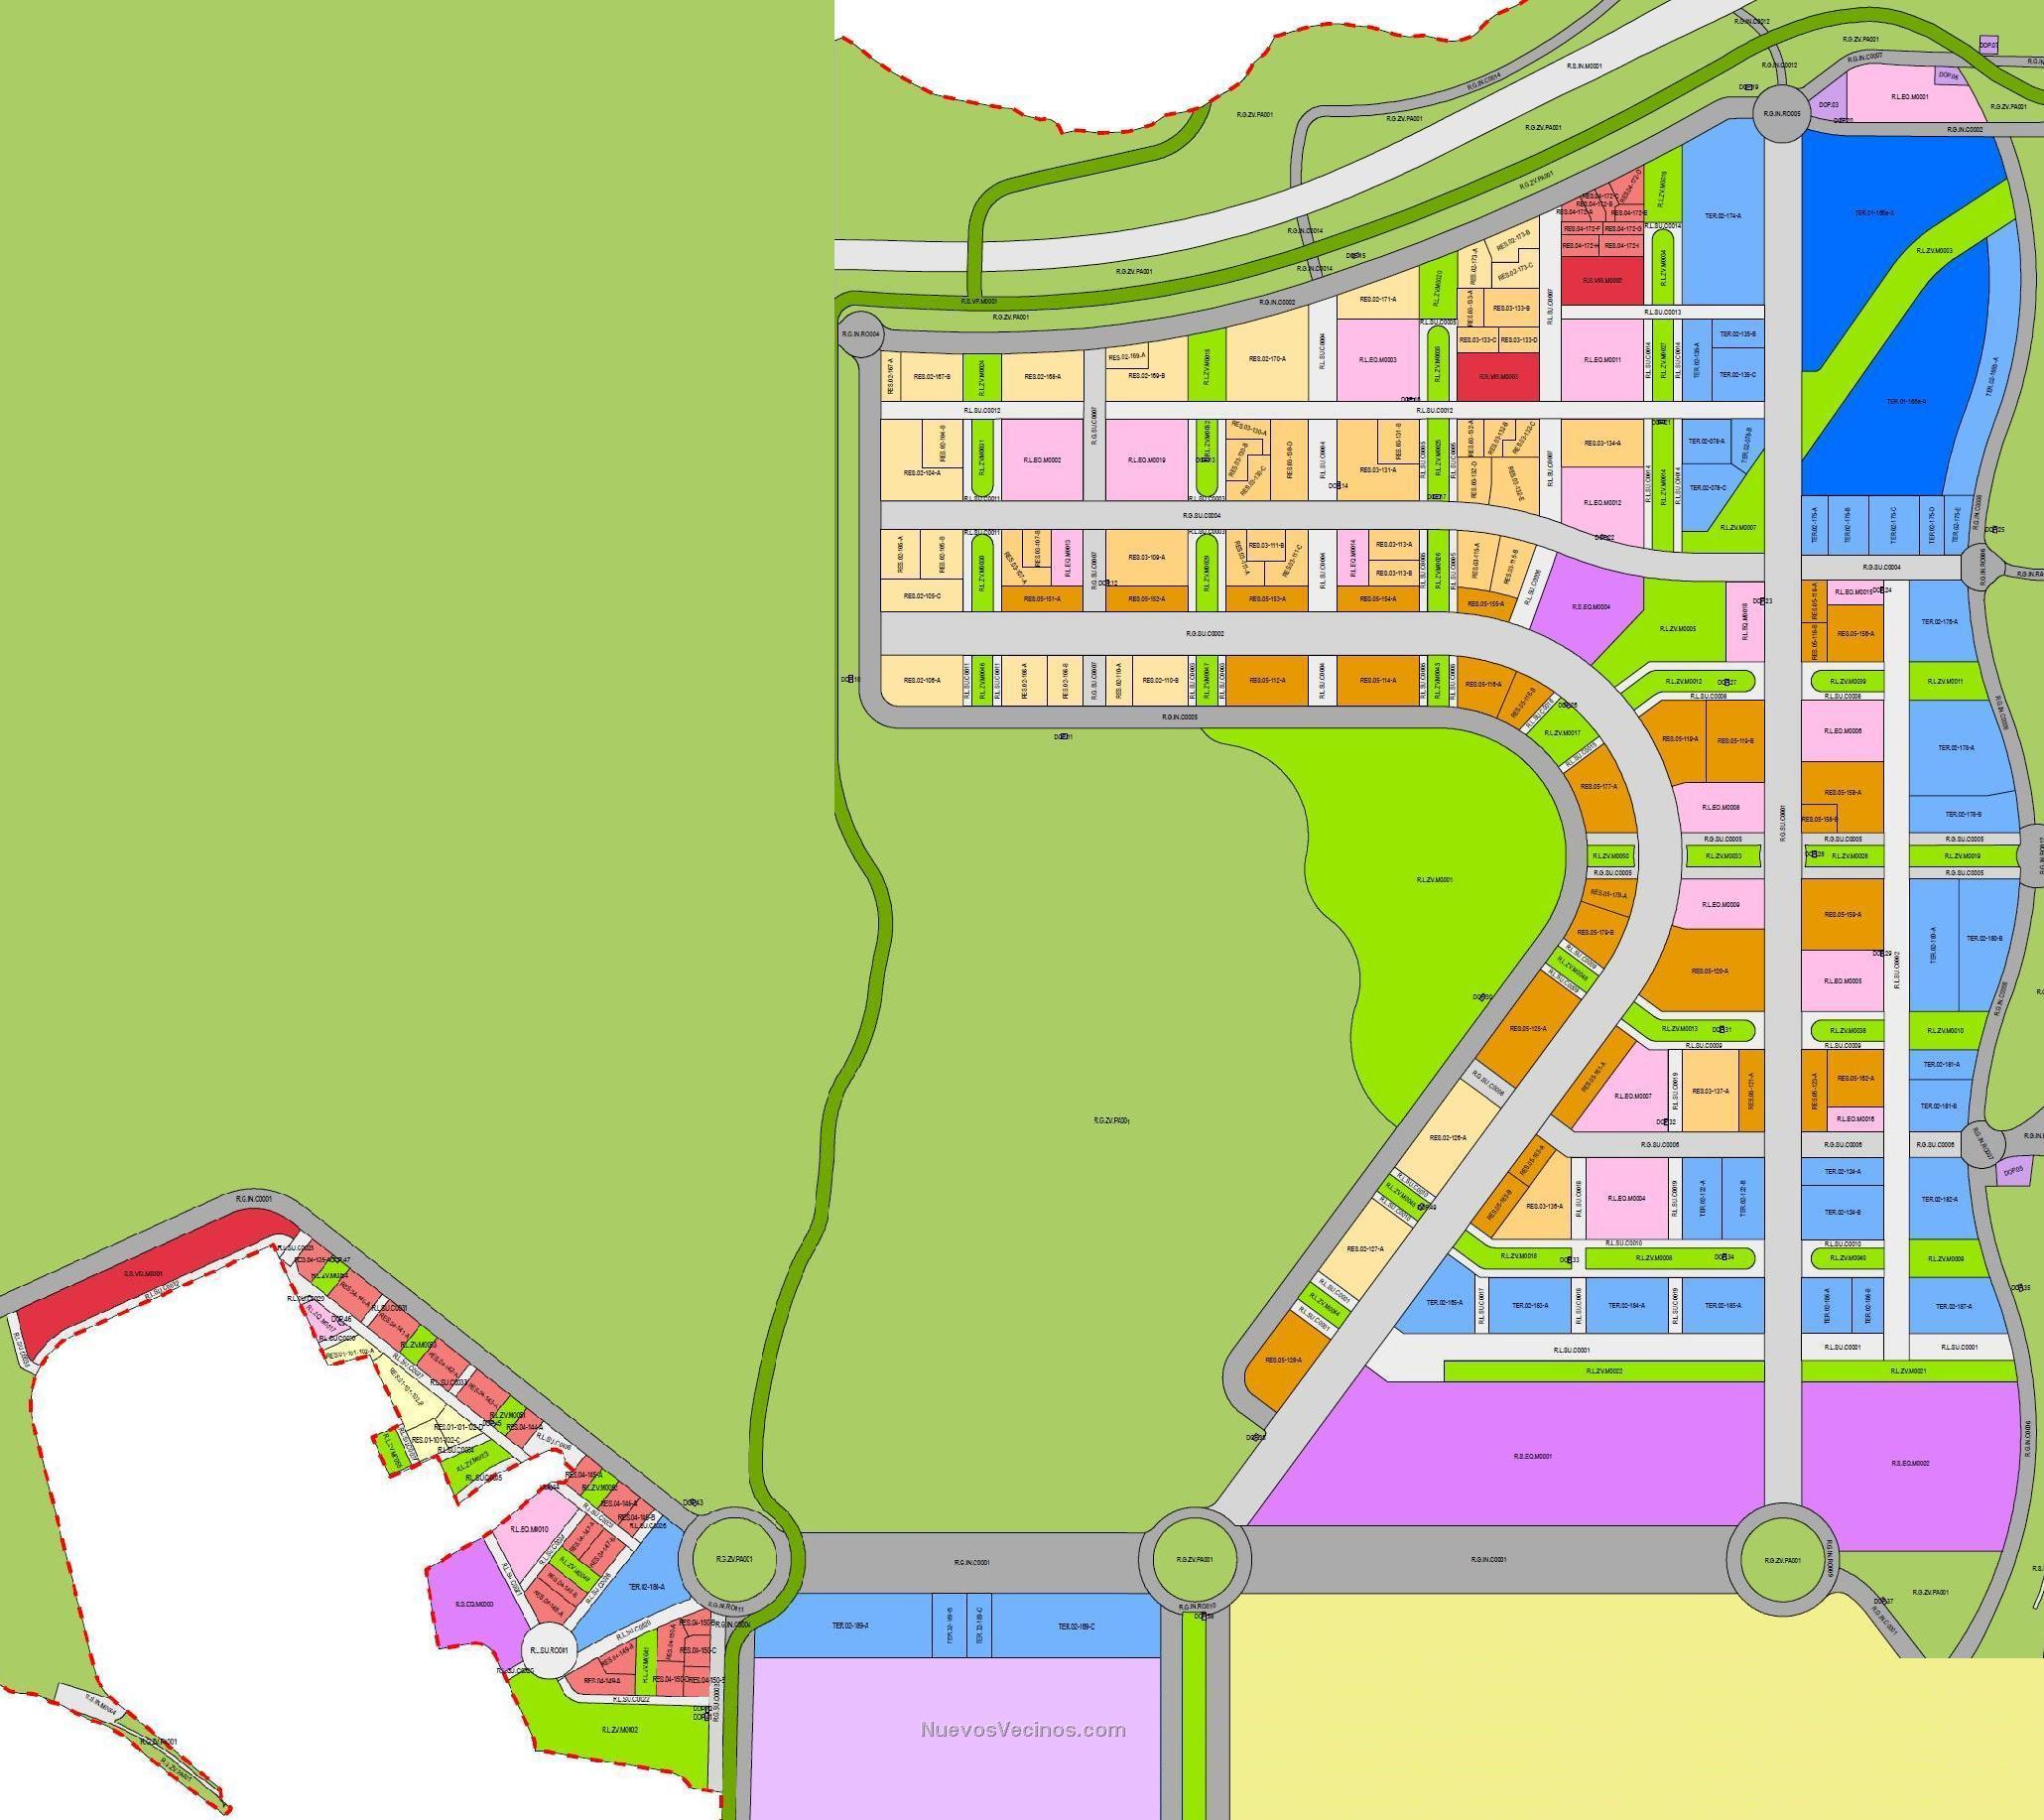 Parque valdebebas las c rcavas vs valdebebas - Fotos de parcelas ...